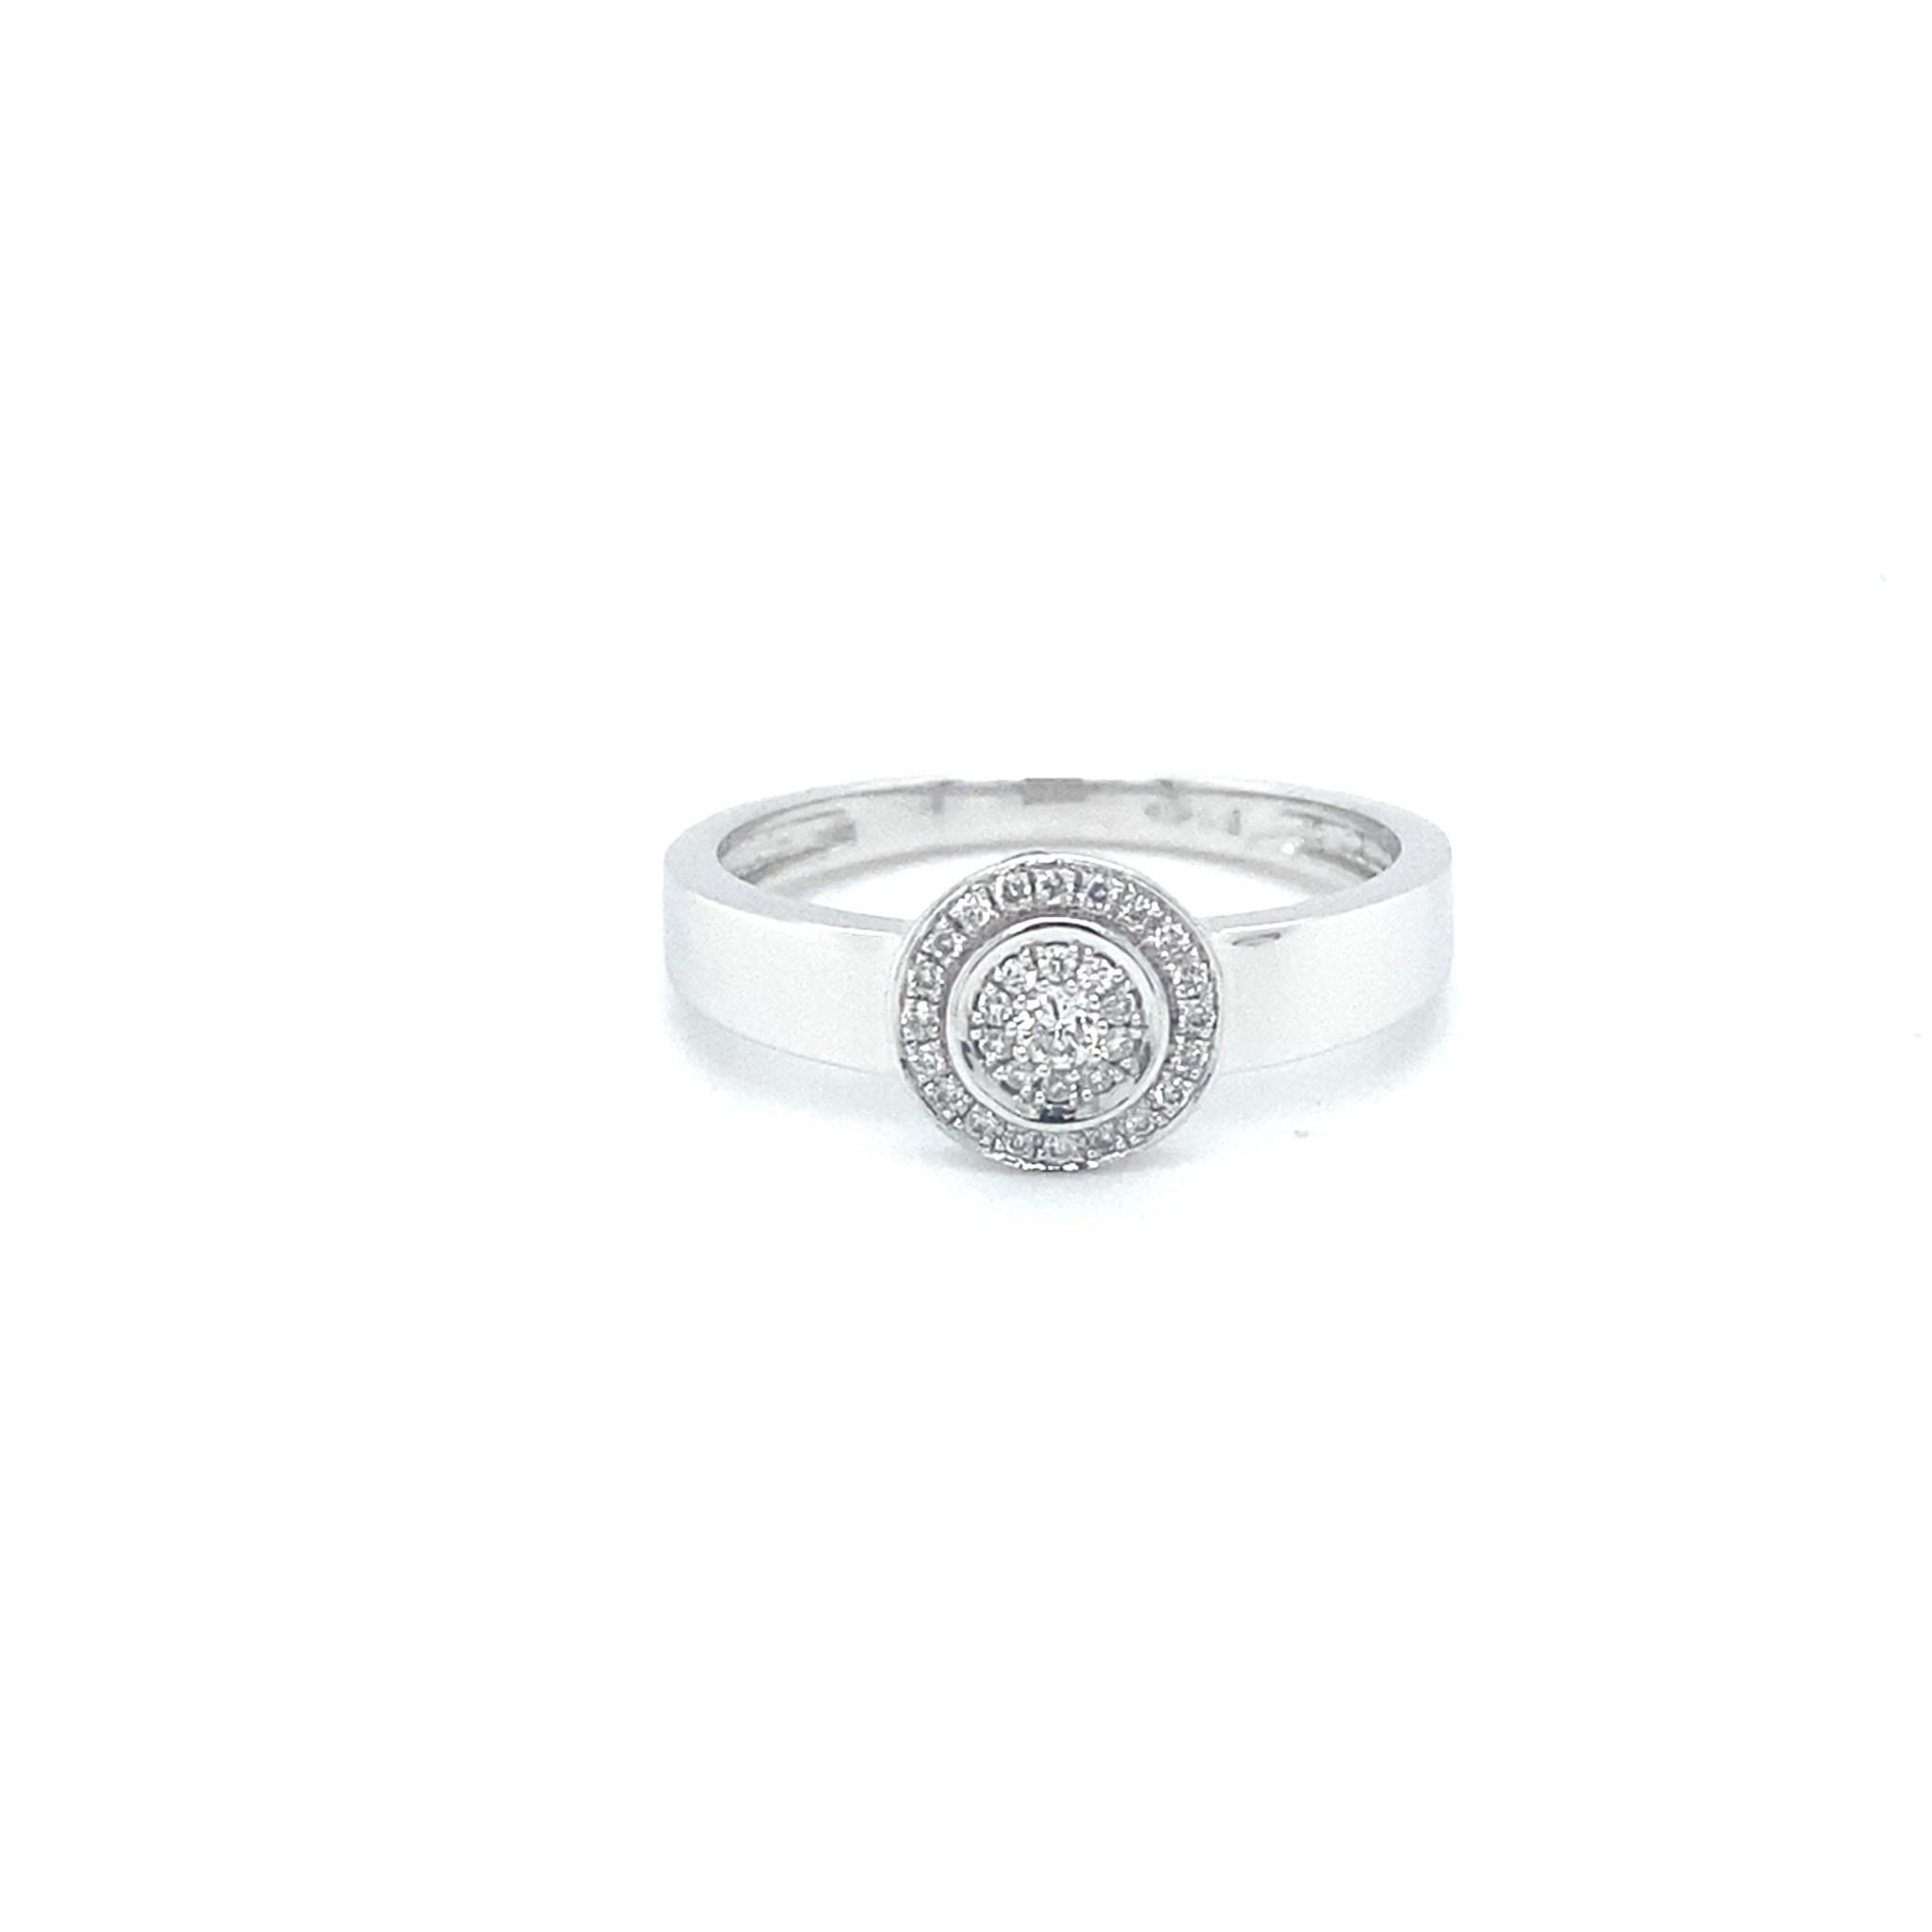 Passione Passione ring GGA0572-55, 0,13ct. H/Si